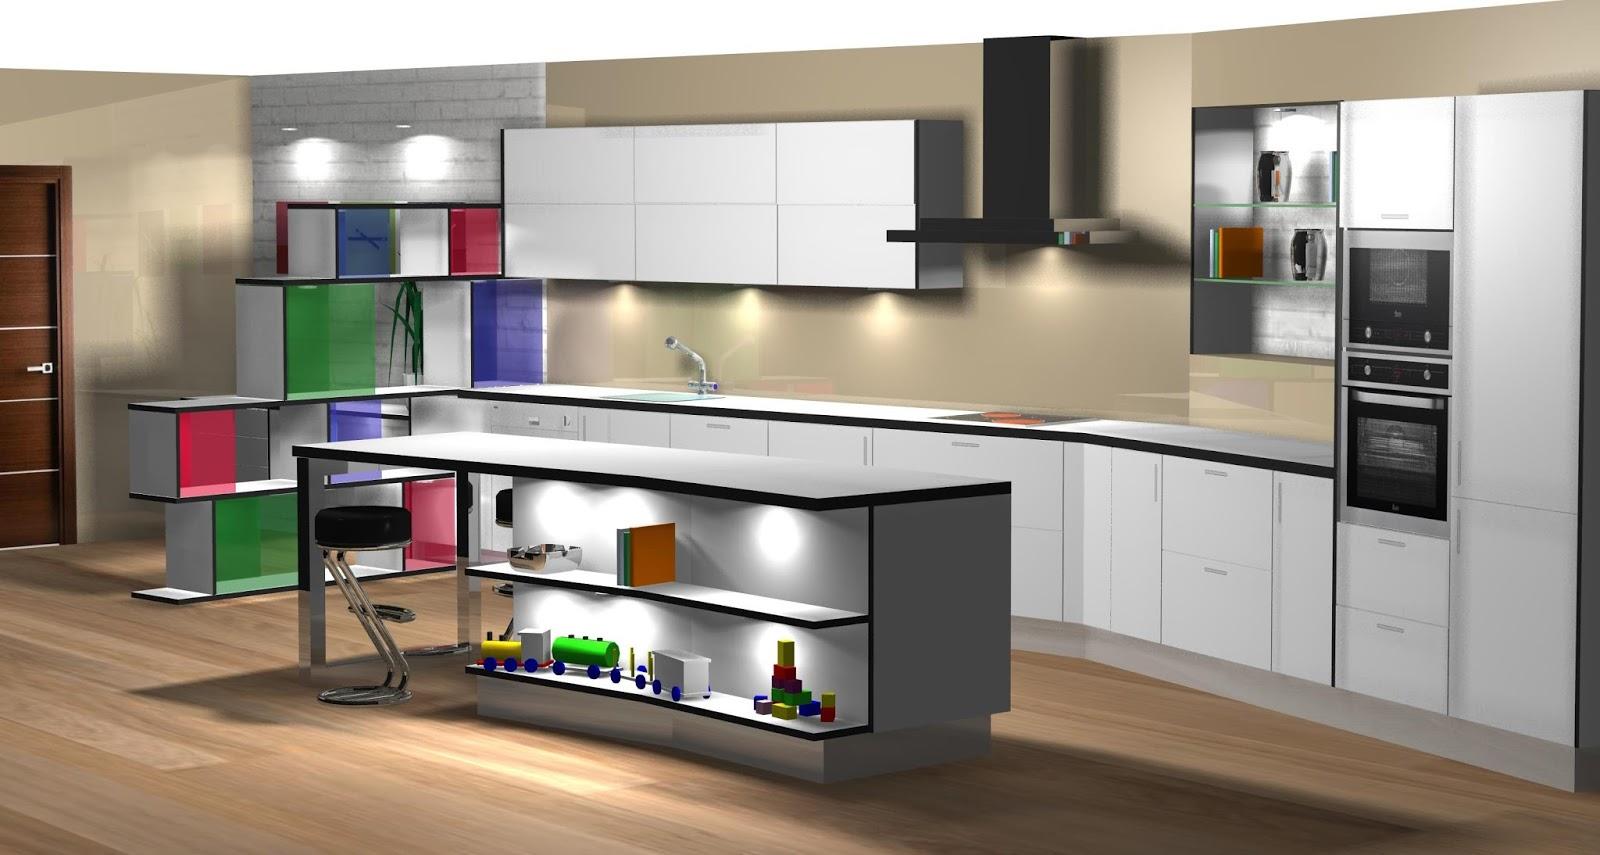 Dise o muebles de cocina dise o de cocina comedor lacado for Diseno cocina comedor